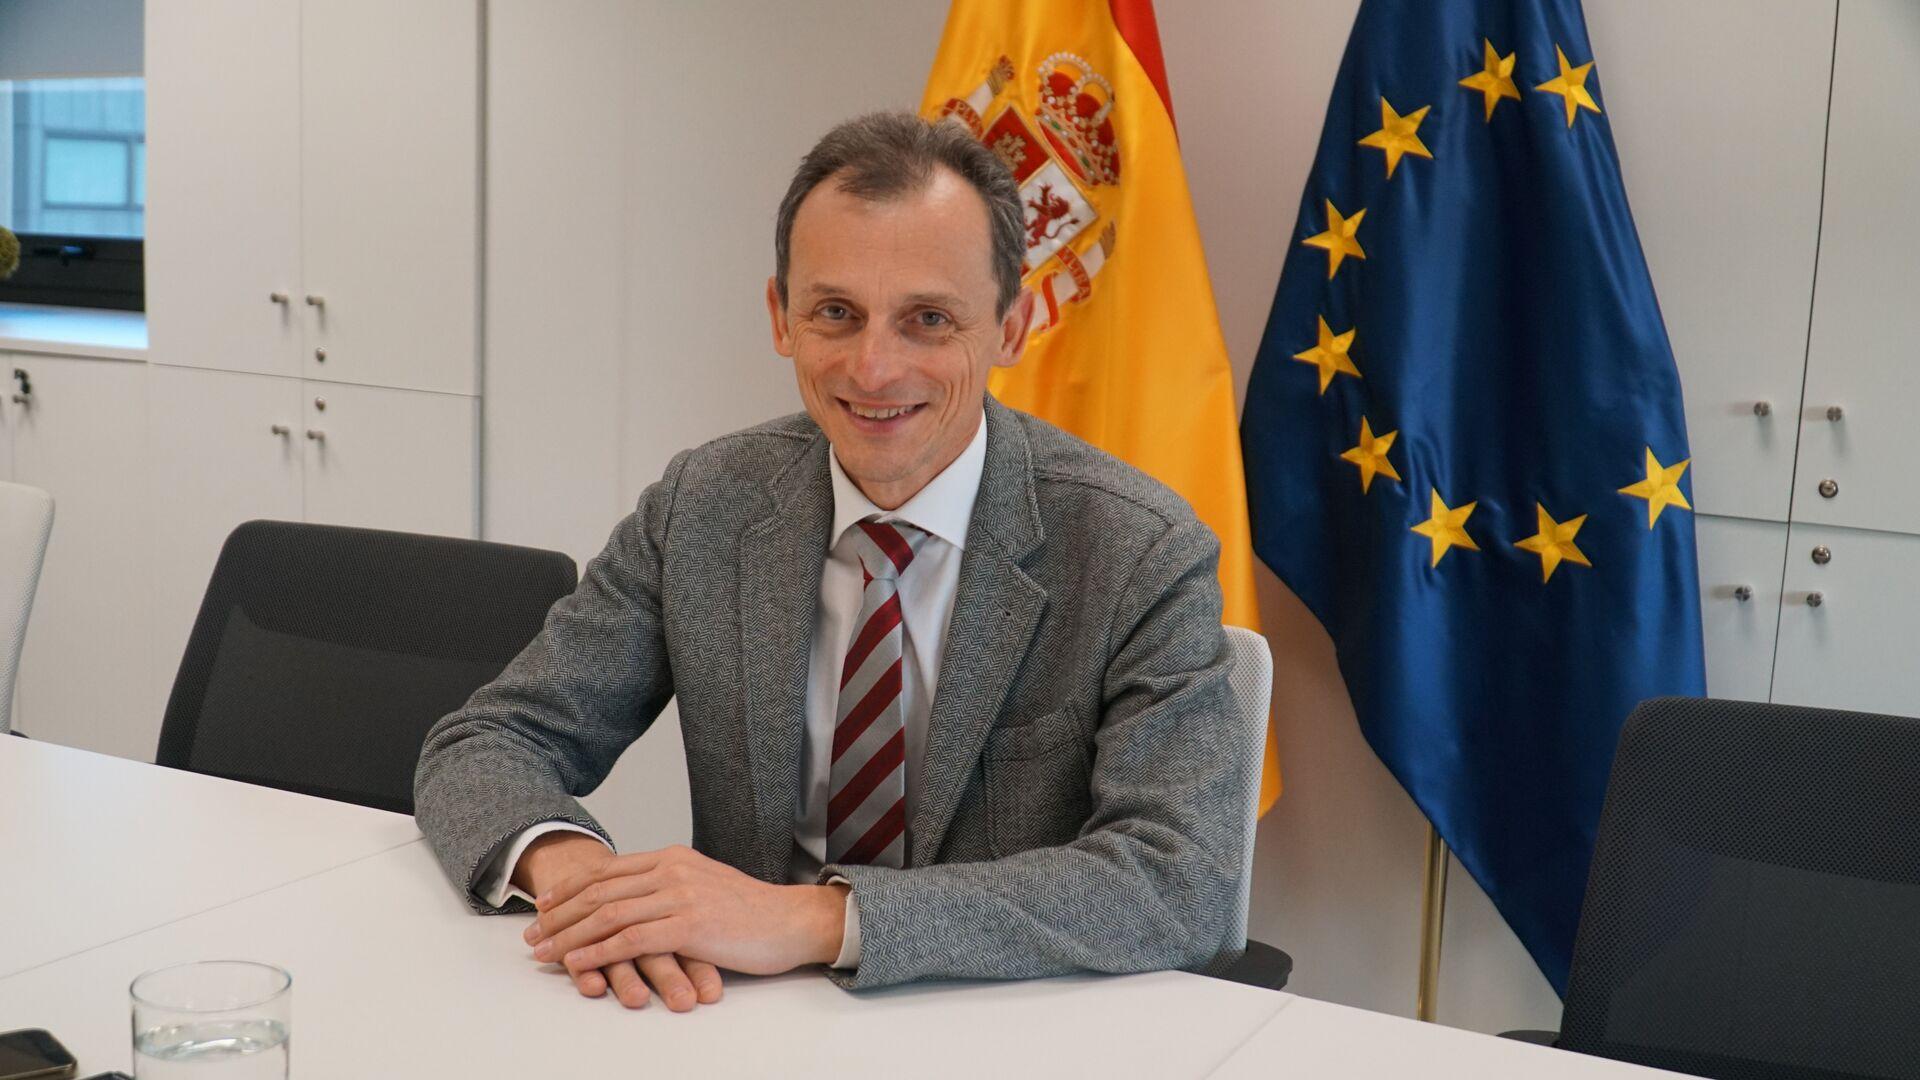 Pedro Duque, ministro de Ciencia e Innovación de España - Sputnik Mundo, 1920, 18.02.2021